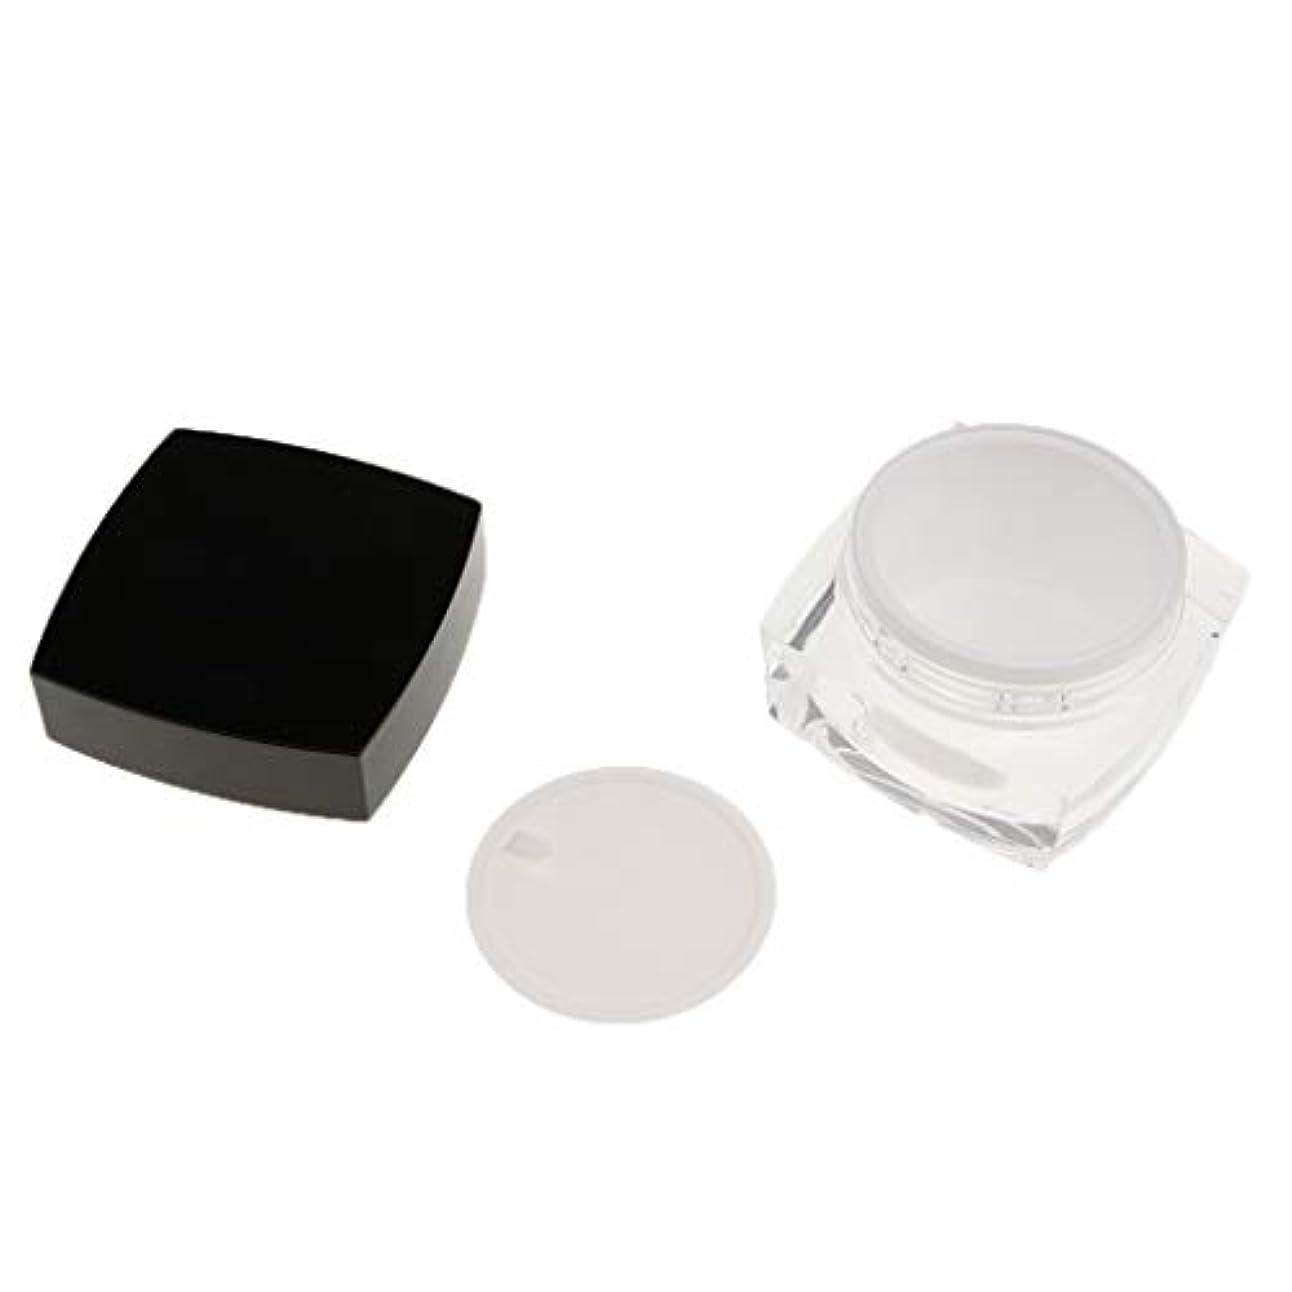 泣いているシティ伝染性のPerfeclan 化粧品容器 プロ 容器 メイクアップ クリームジャー 瓶 小分けツール 2サイズ選べ - 50g